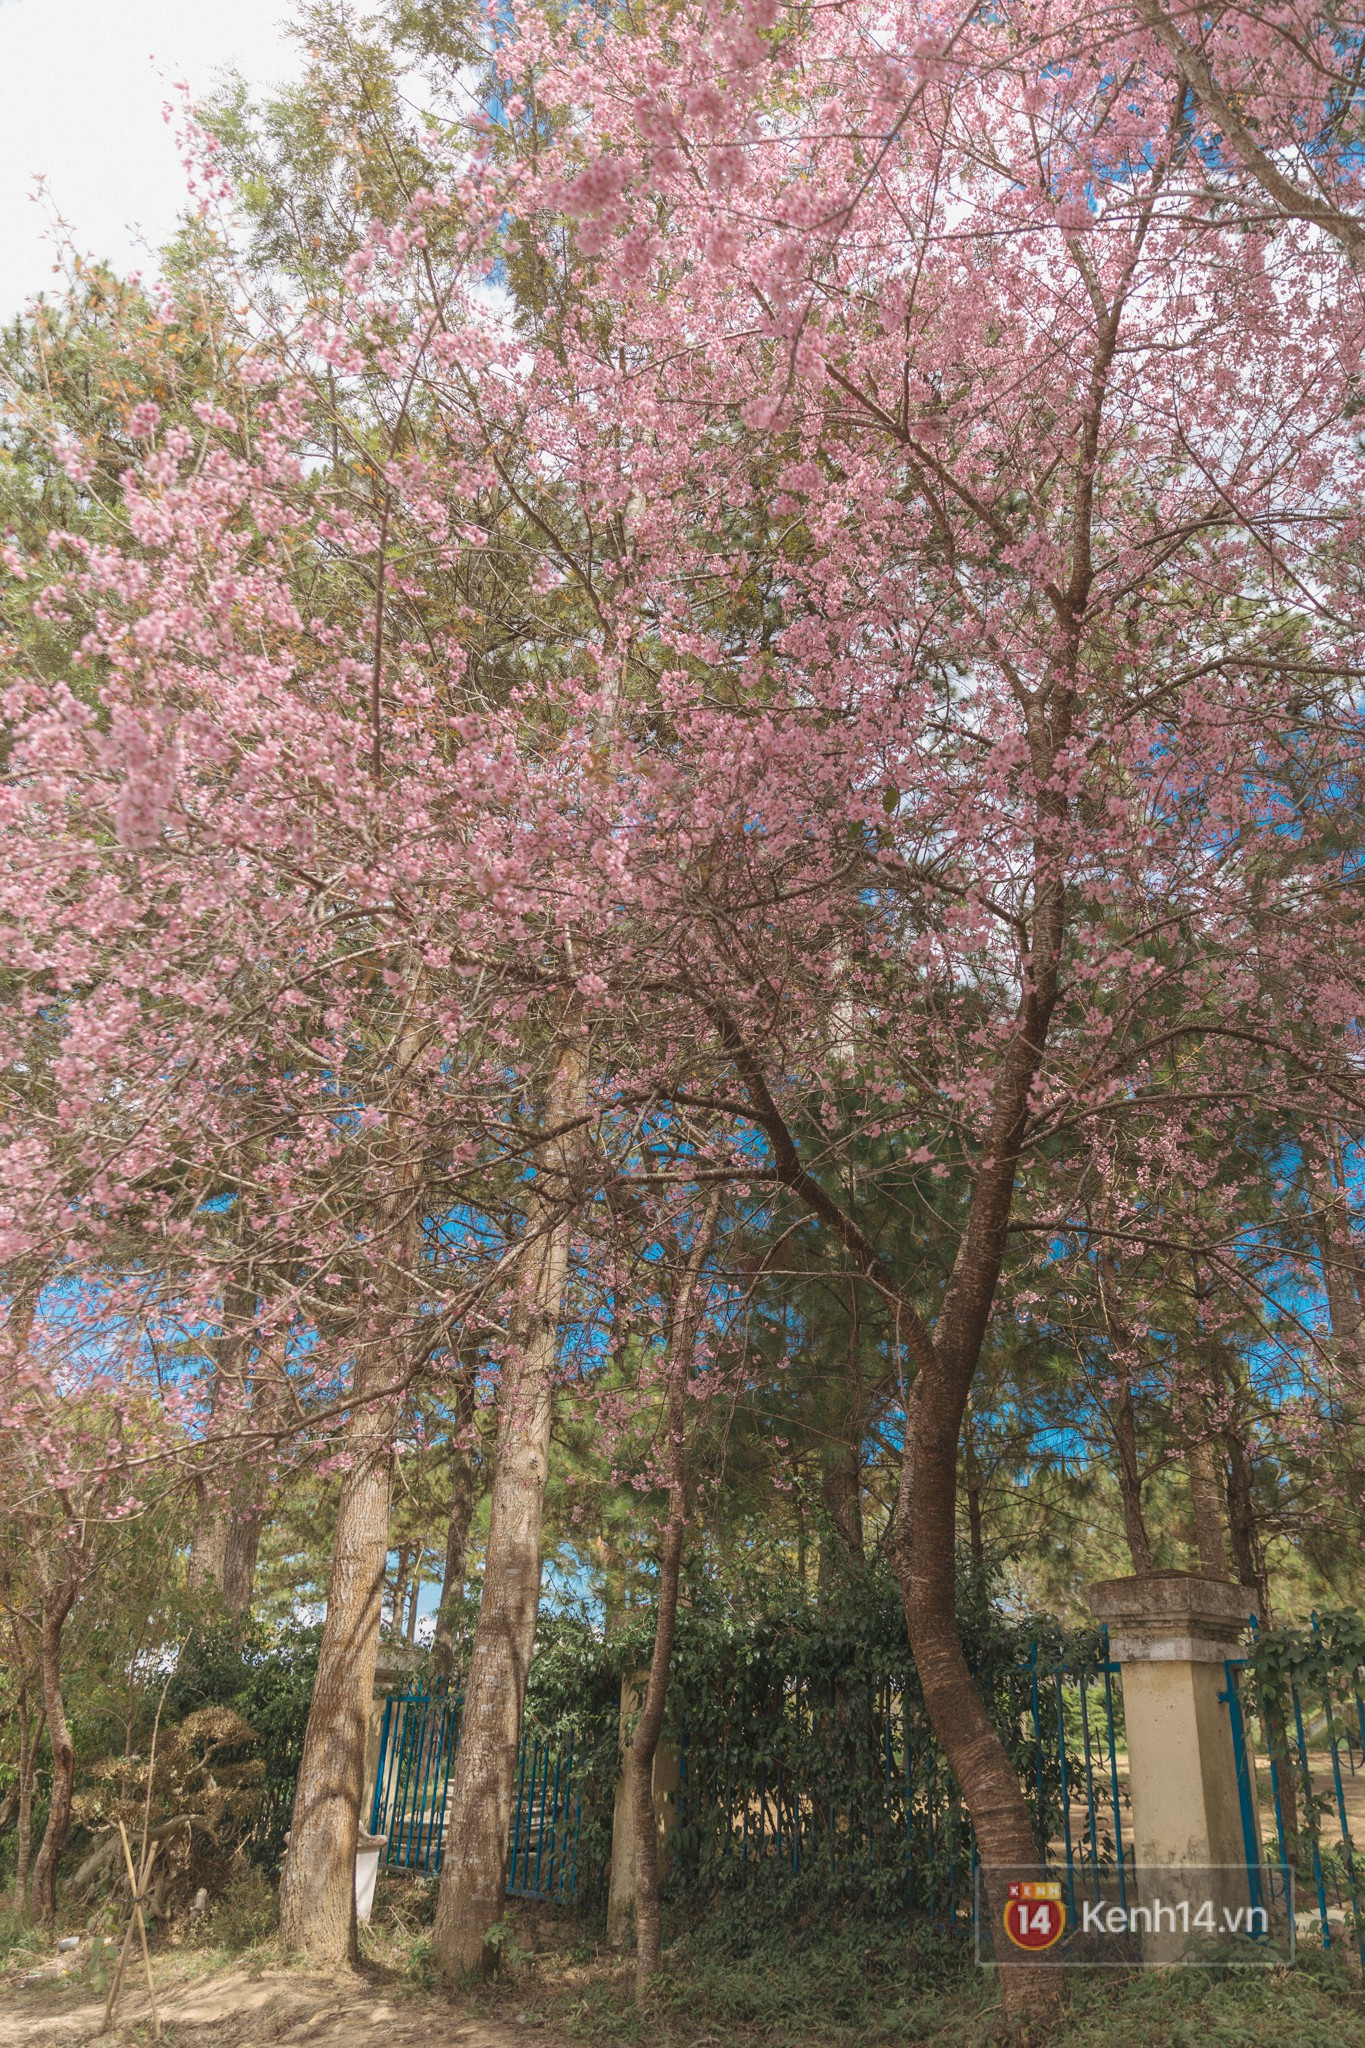 Mai anh đào nở muộn đang nhuộm hồng Đà Lạt - lại có cớ để lên đây ểnh ương ngắm hoa rồi! - Ảnh 1.